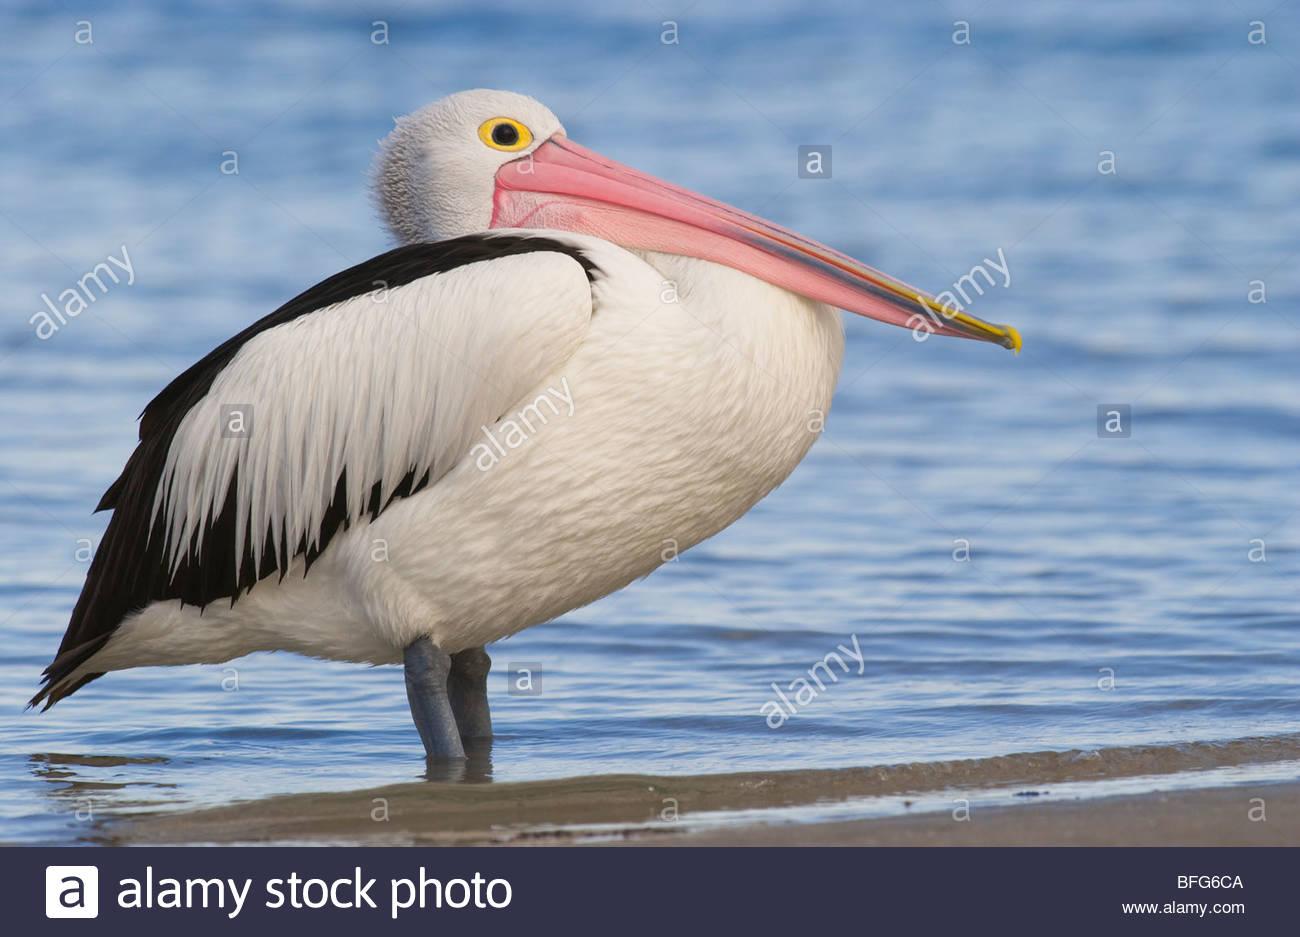 Australian pelican at tideline, Pelecanus conspicillatus, Western Australia - Stock Image